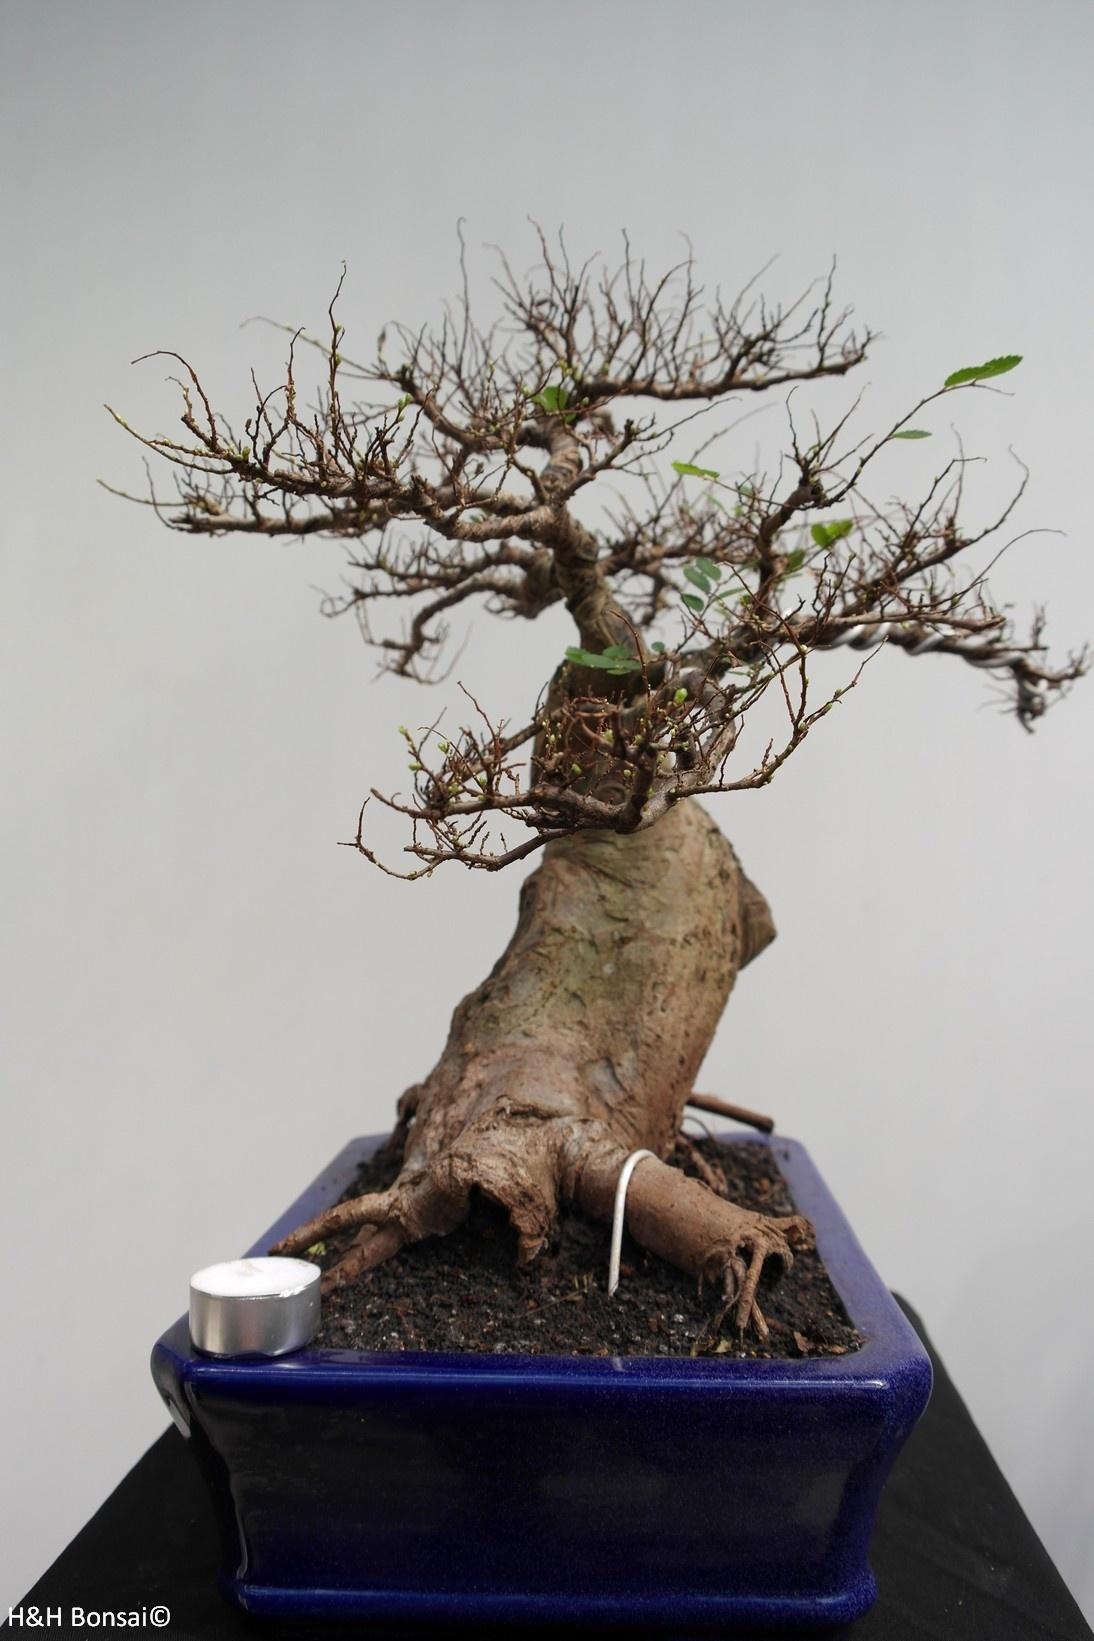 Bonsai Orme de chine, Zelkova, no. 7856